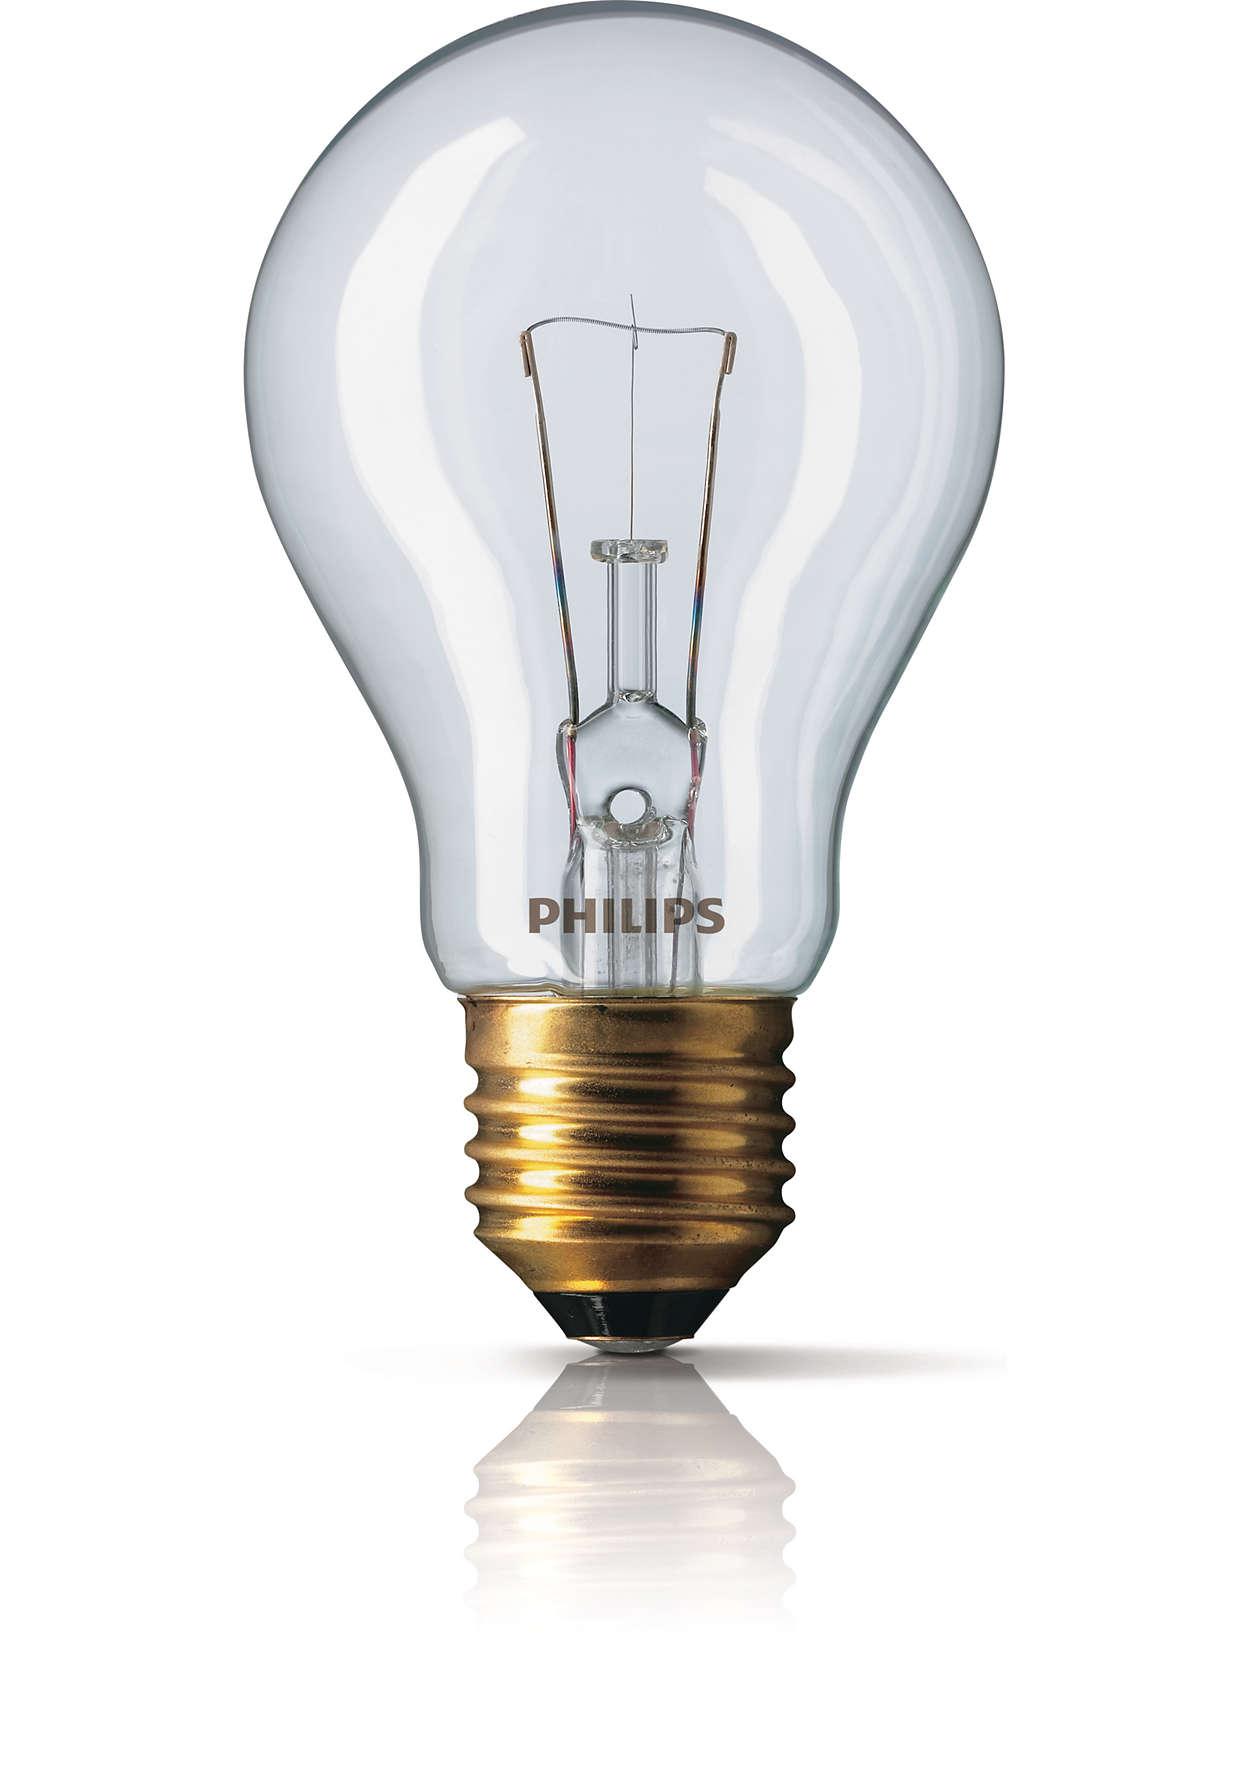 Εκπληκτικά έντονο φως όπου και αν το χρειάζεστε